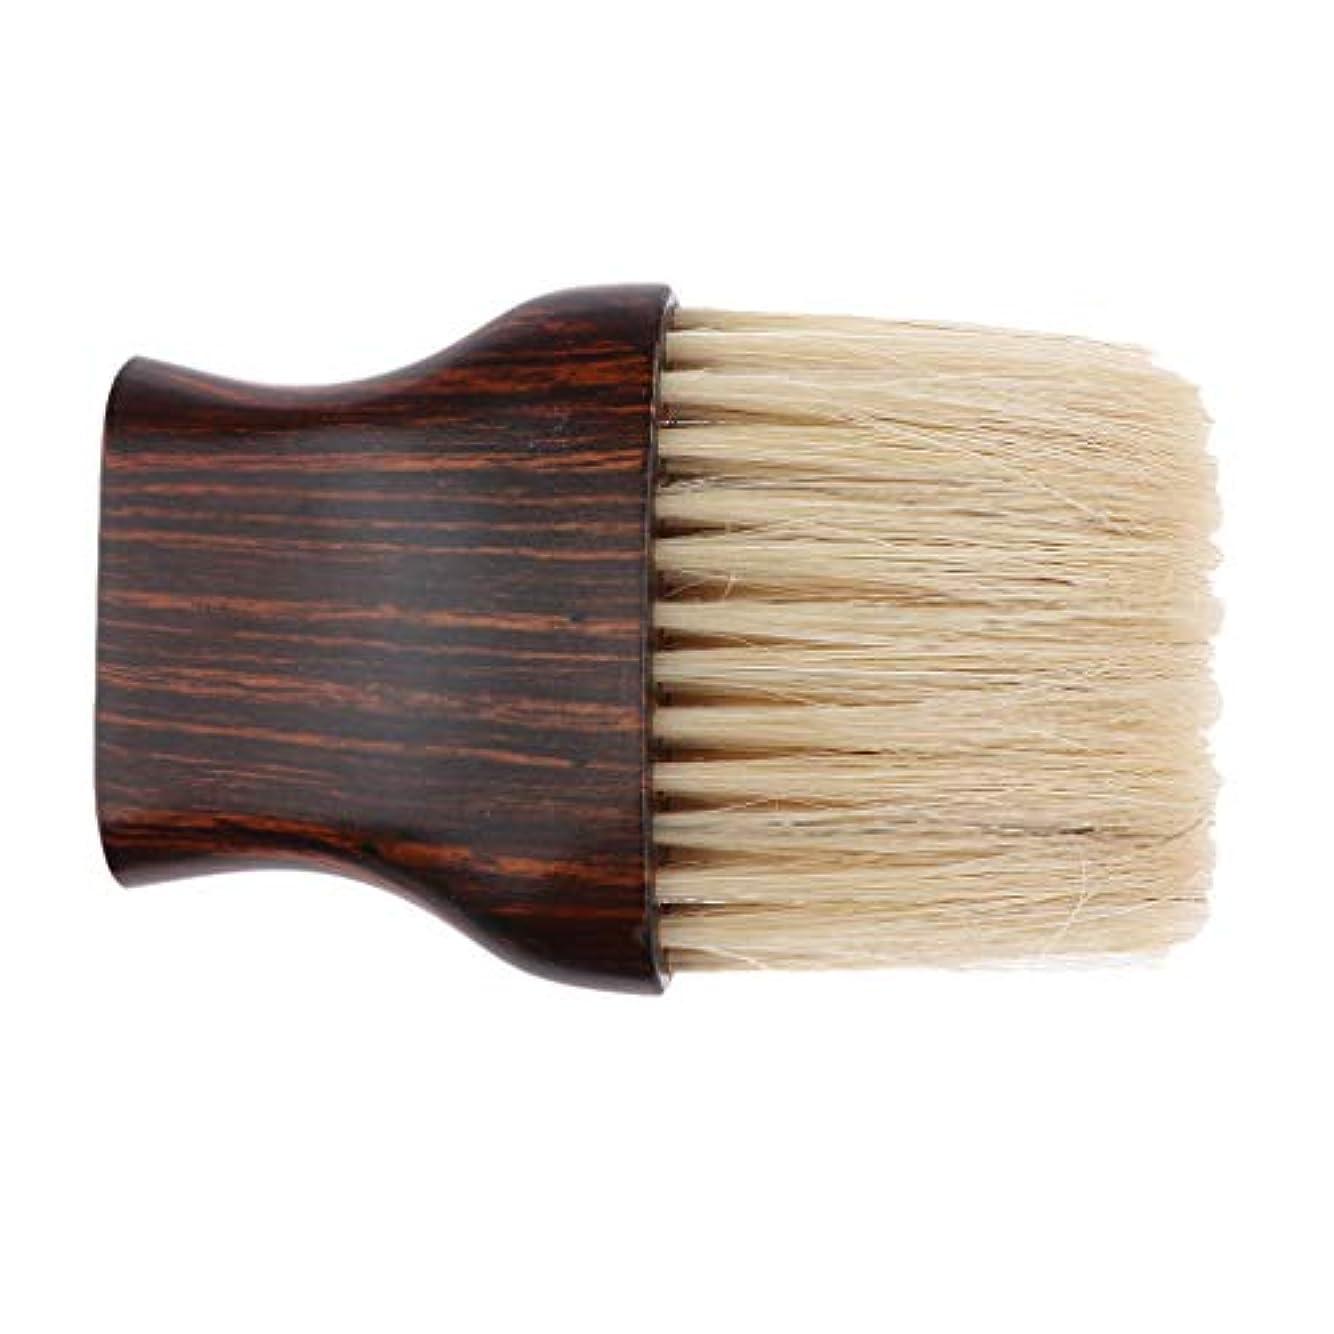 暴徒レイプ荒廃するヘアブラシ 毛払いブラシ 木製ハンドル 散髪 髪切り 散髪用ツール 理髪店 美容院 ソフトブラシ